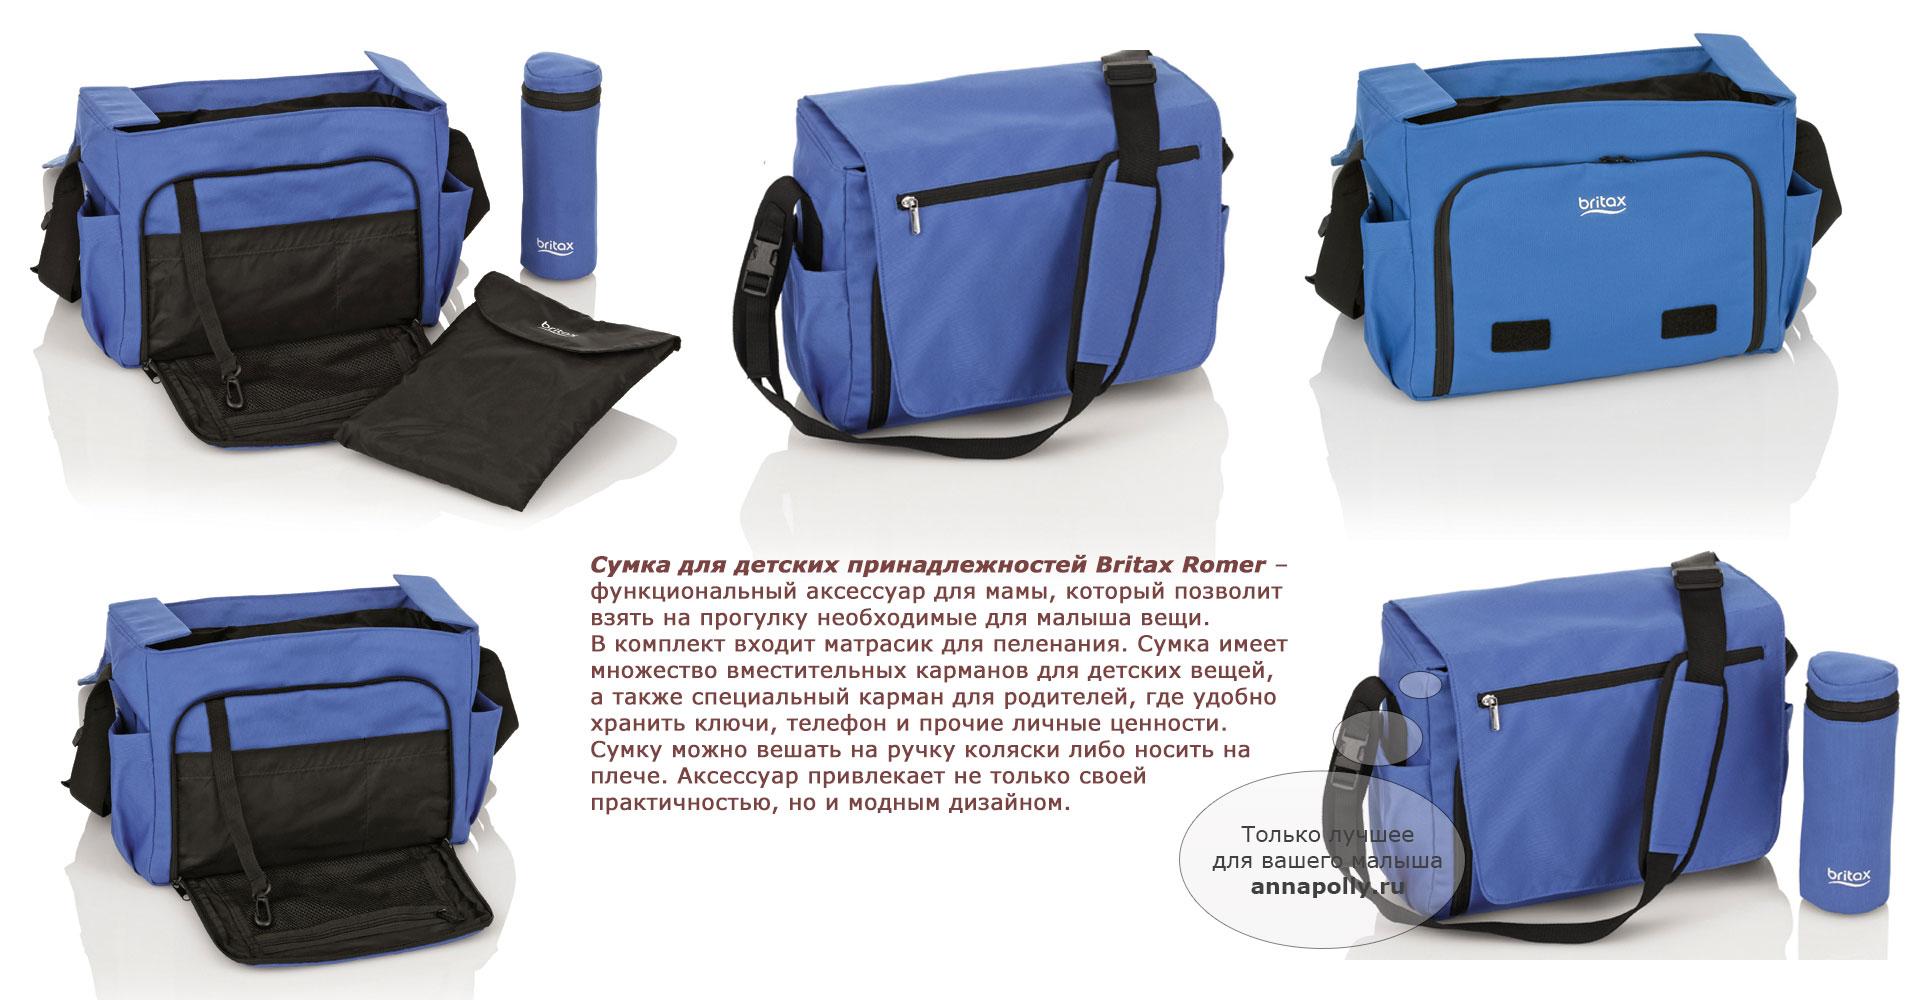 cd7bb6f8a4de Britax Romer сумка для детских принадлежностей - купить в интернет ...